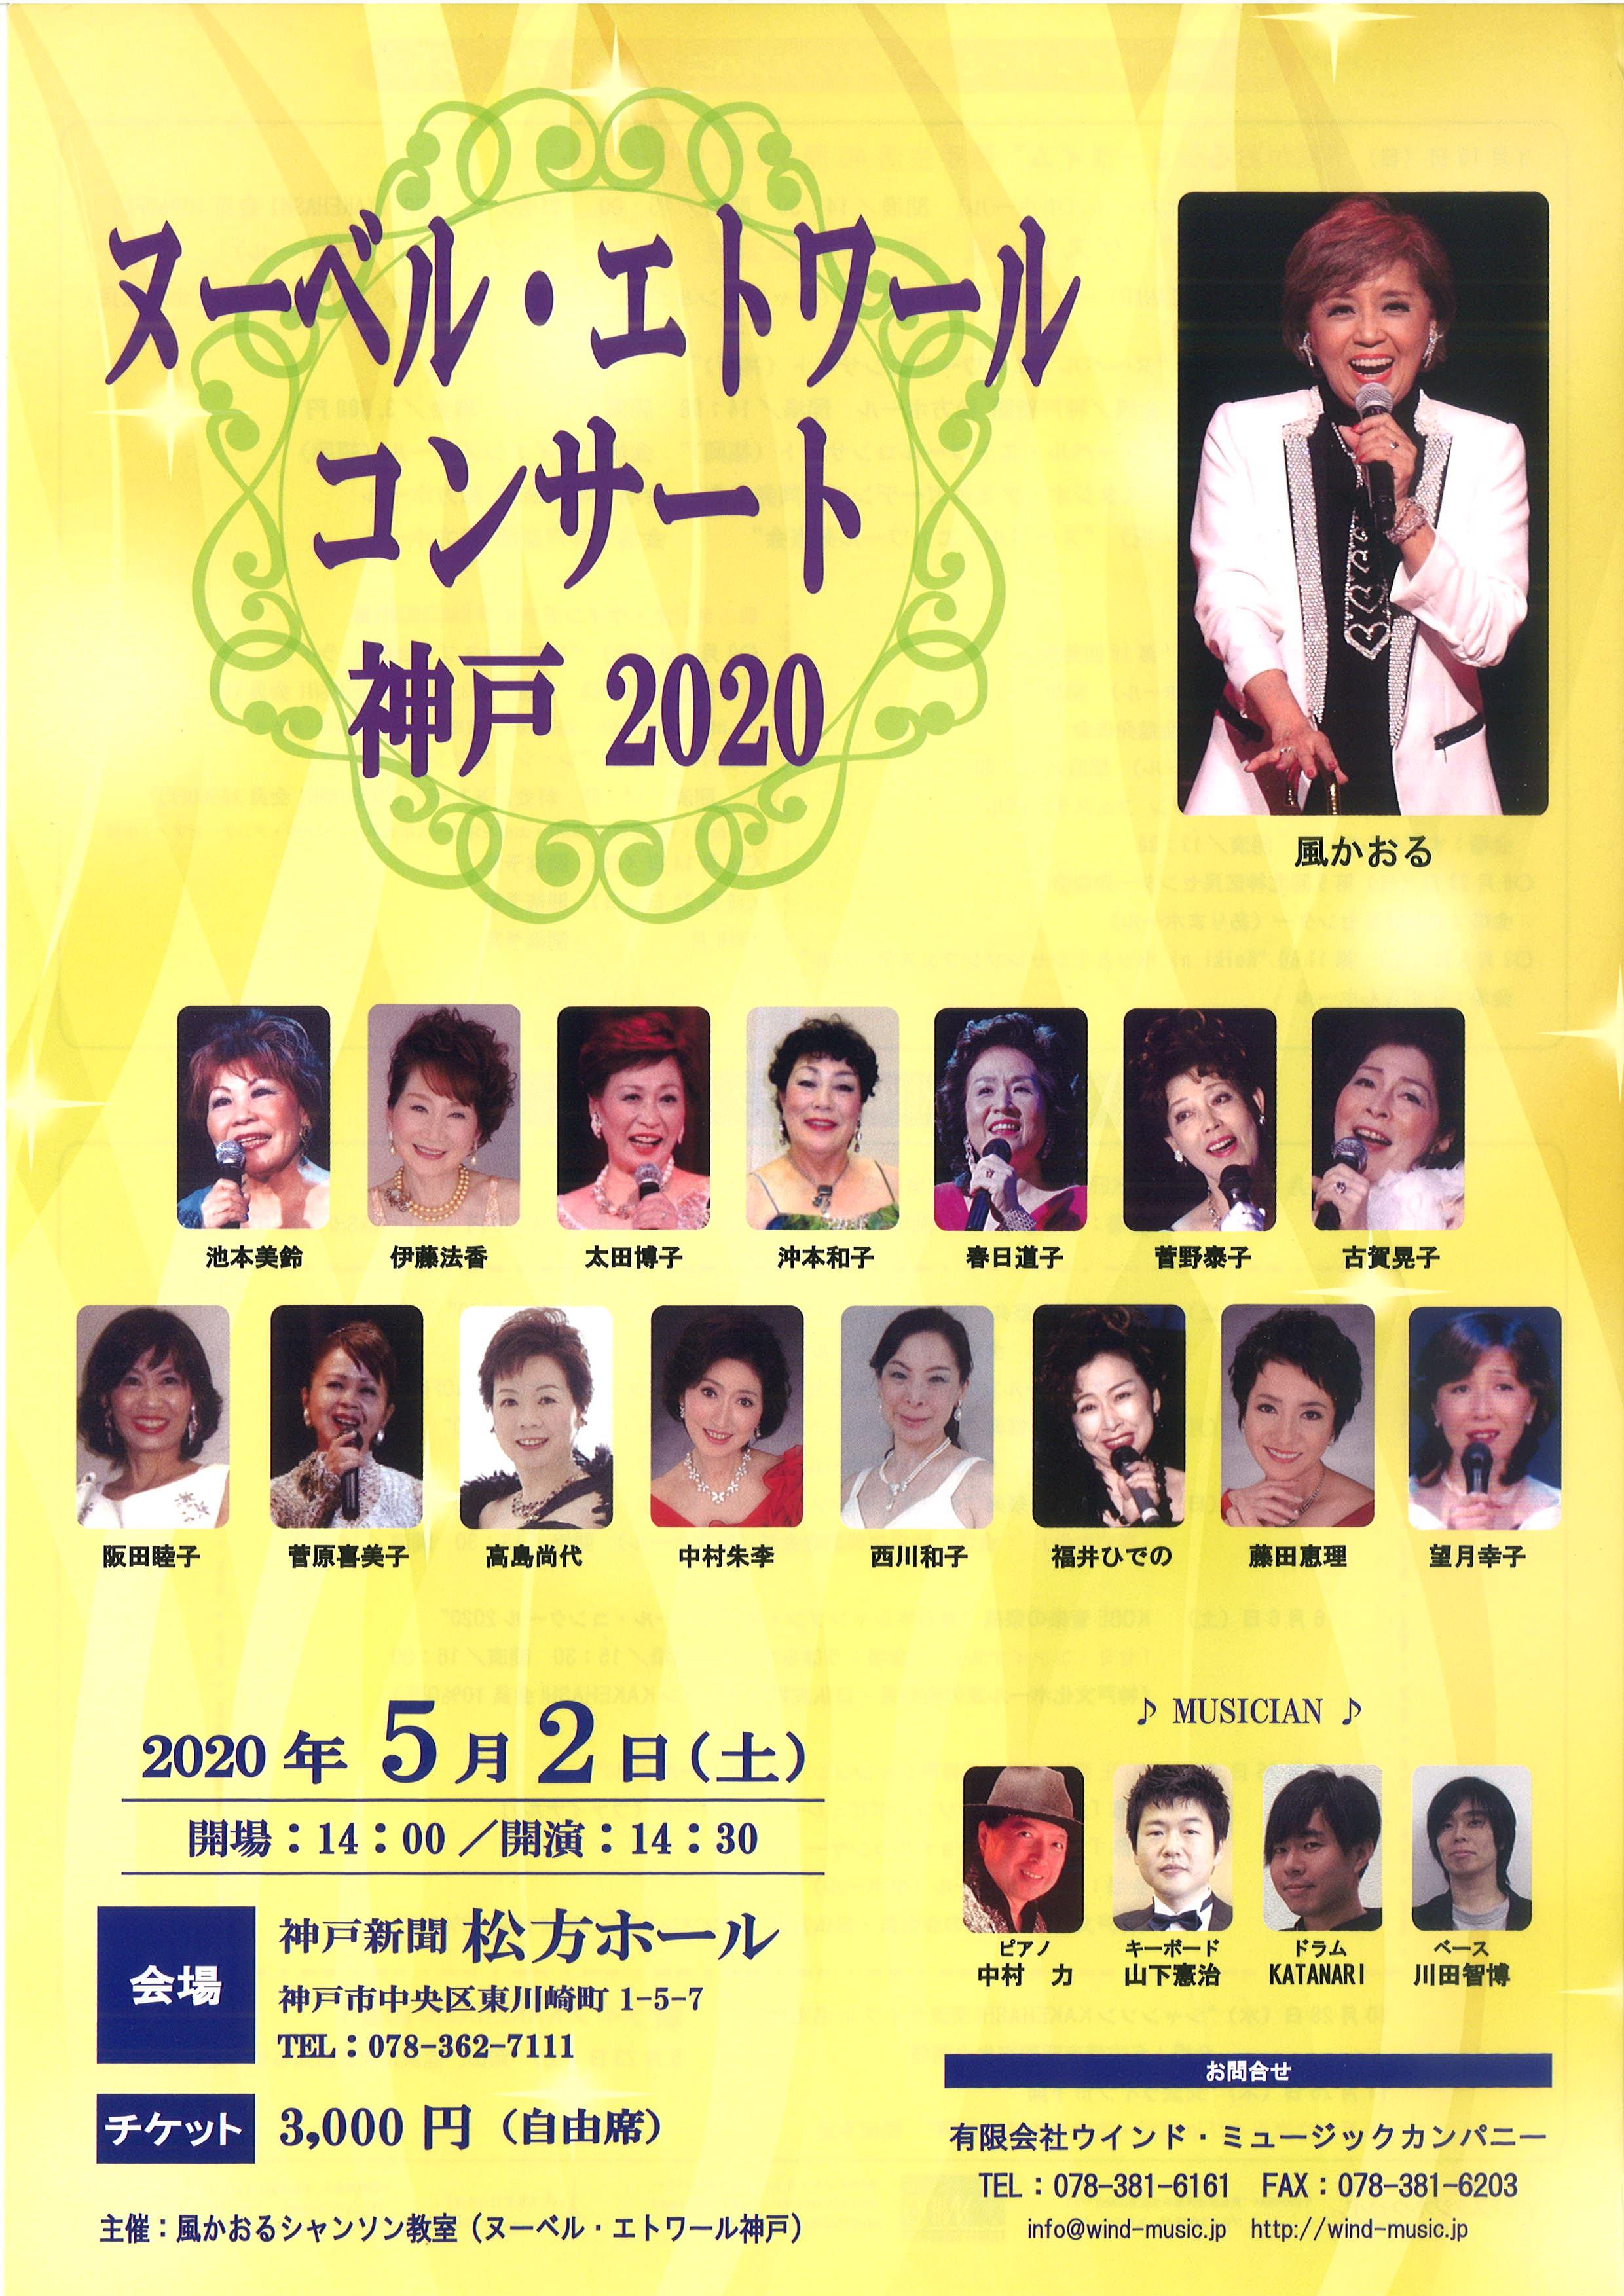 ヌーベル・エトワール コンサート 神戸2020.jpg